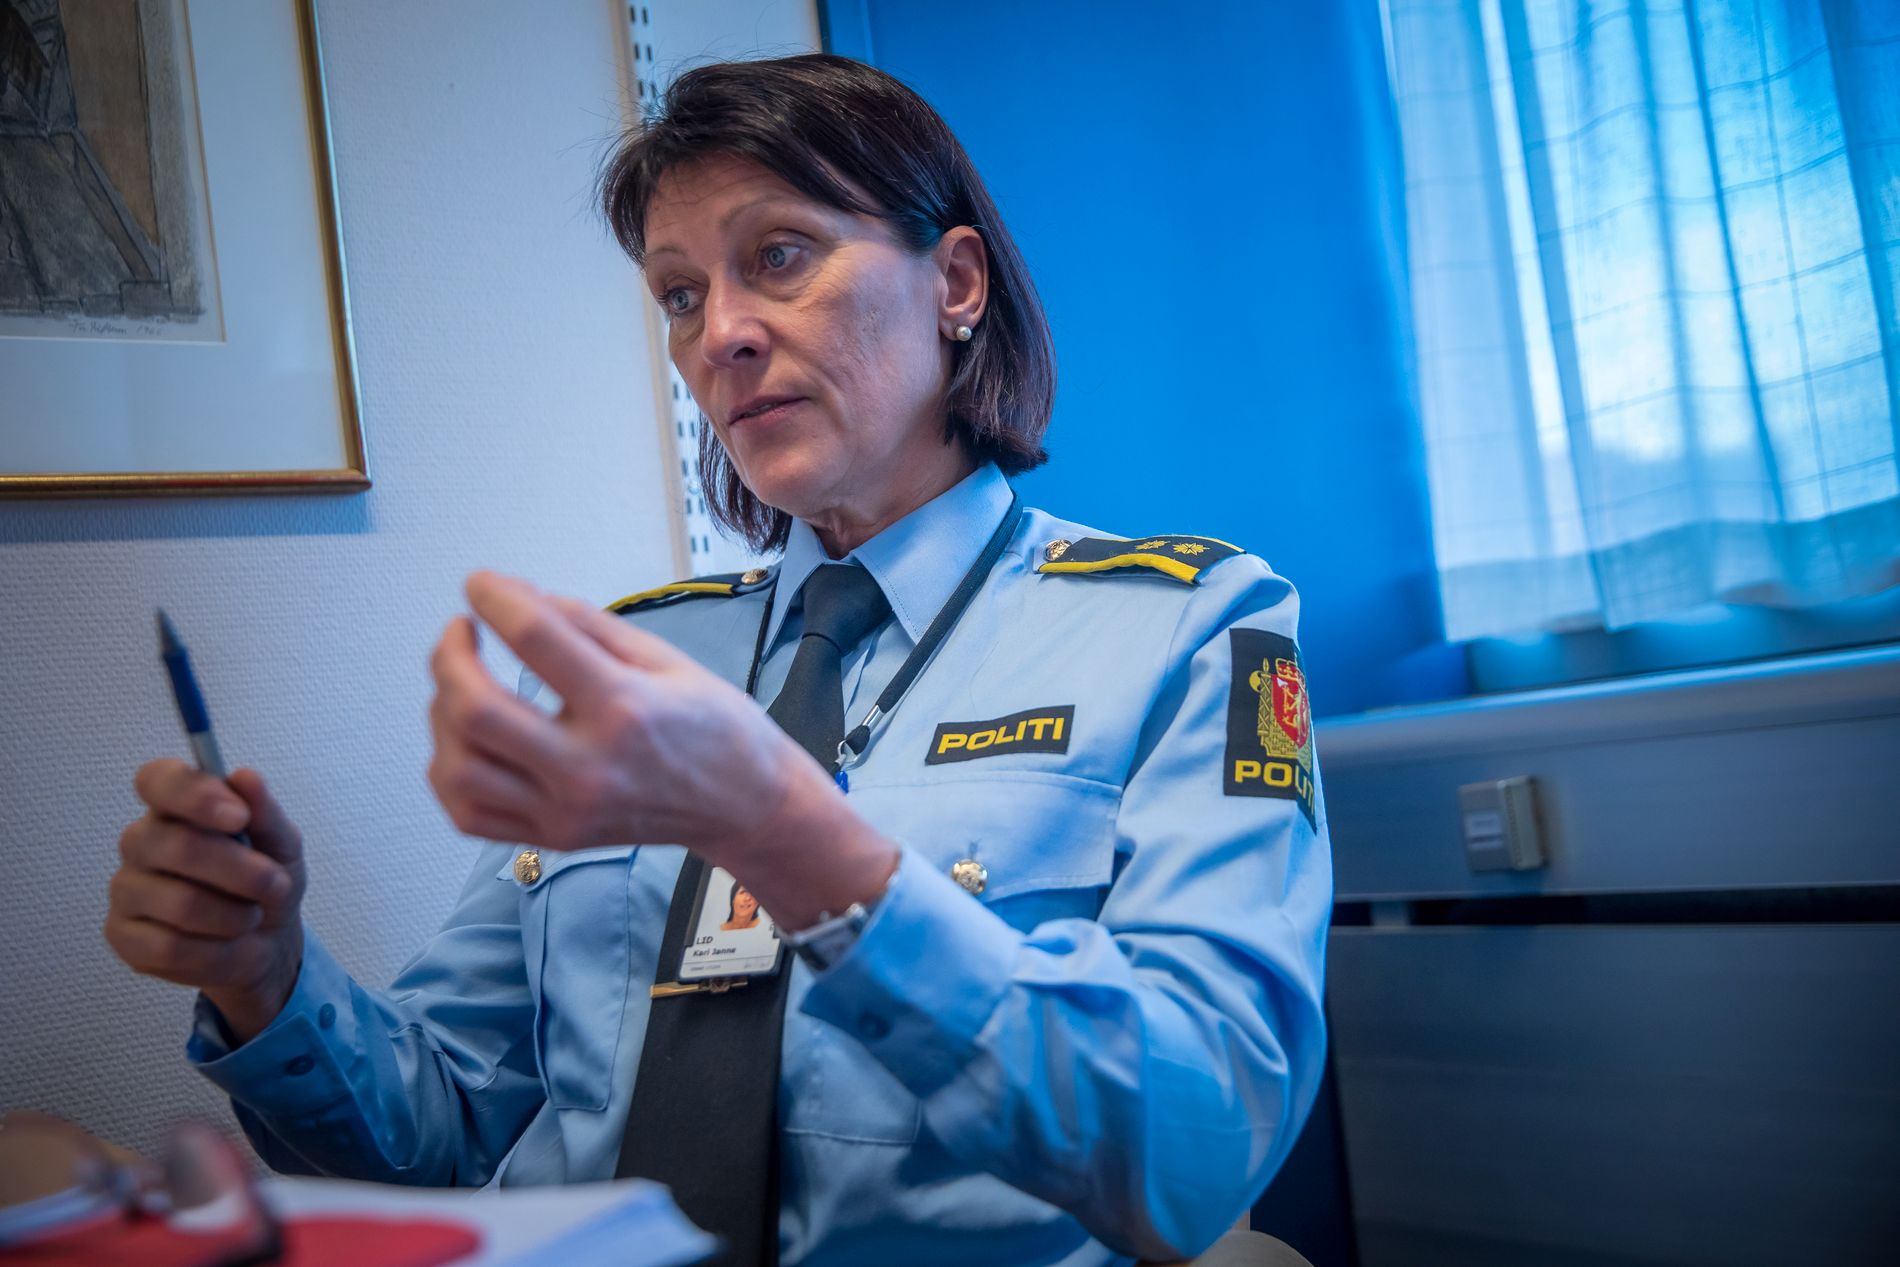 OPPLEVER KRAFTIG ØKNING: Kari-Janne Lid leder Oslo-politiets seksjon for etterforskning av alvorlige seksuallovbrudd, og forteller om en kraftig økning i antall saker som omhandler barn.